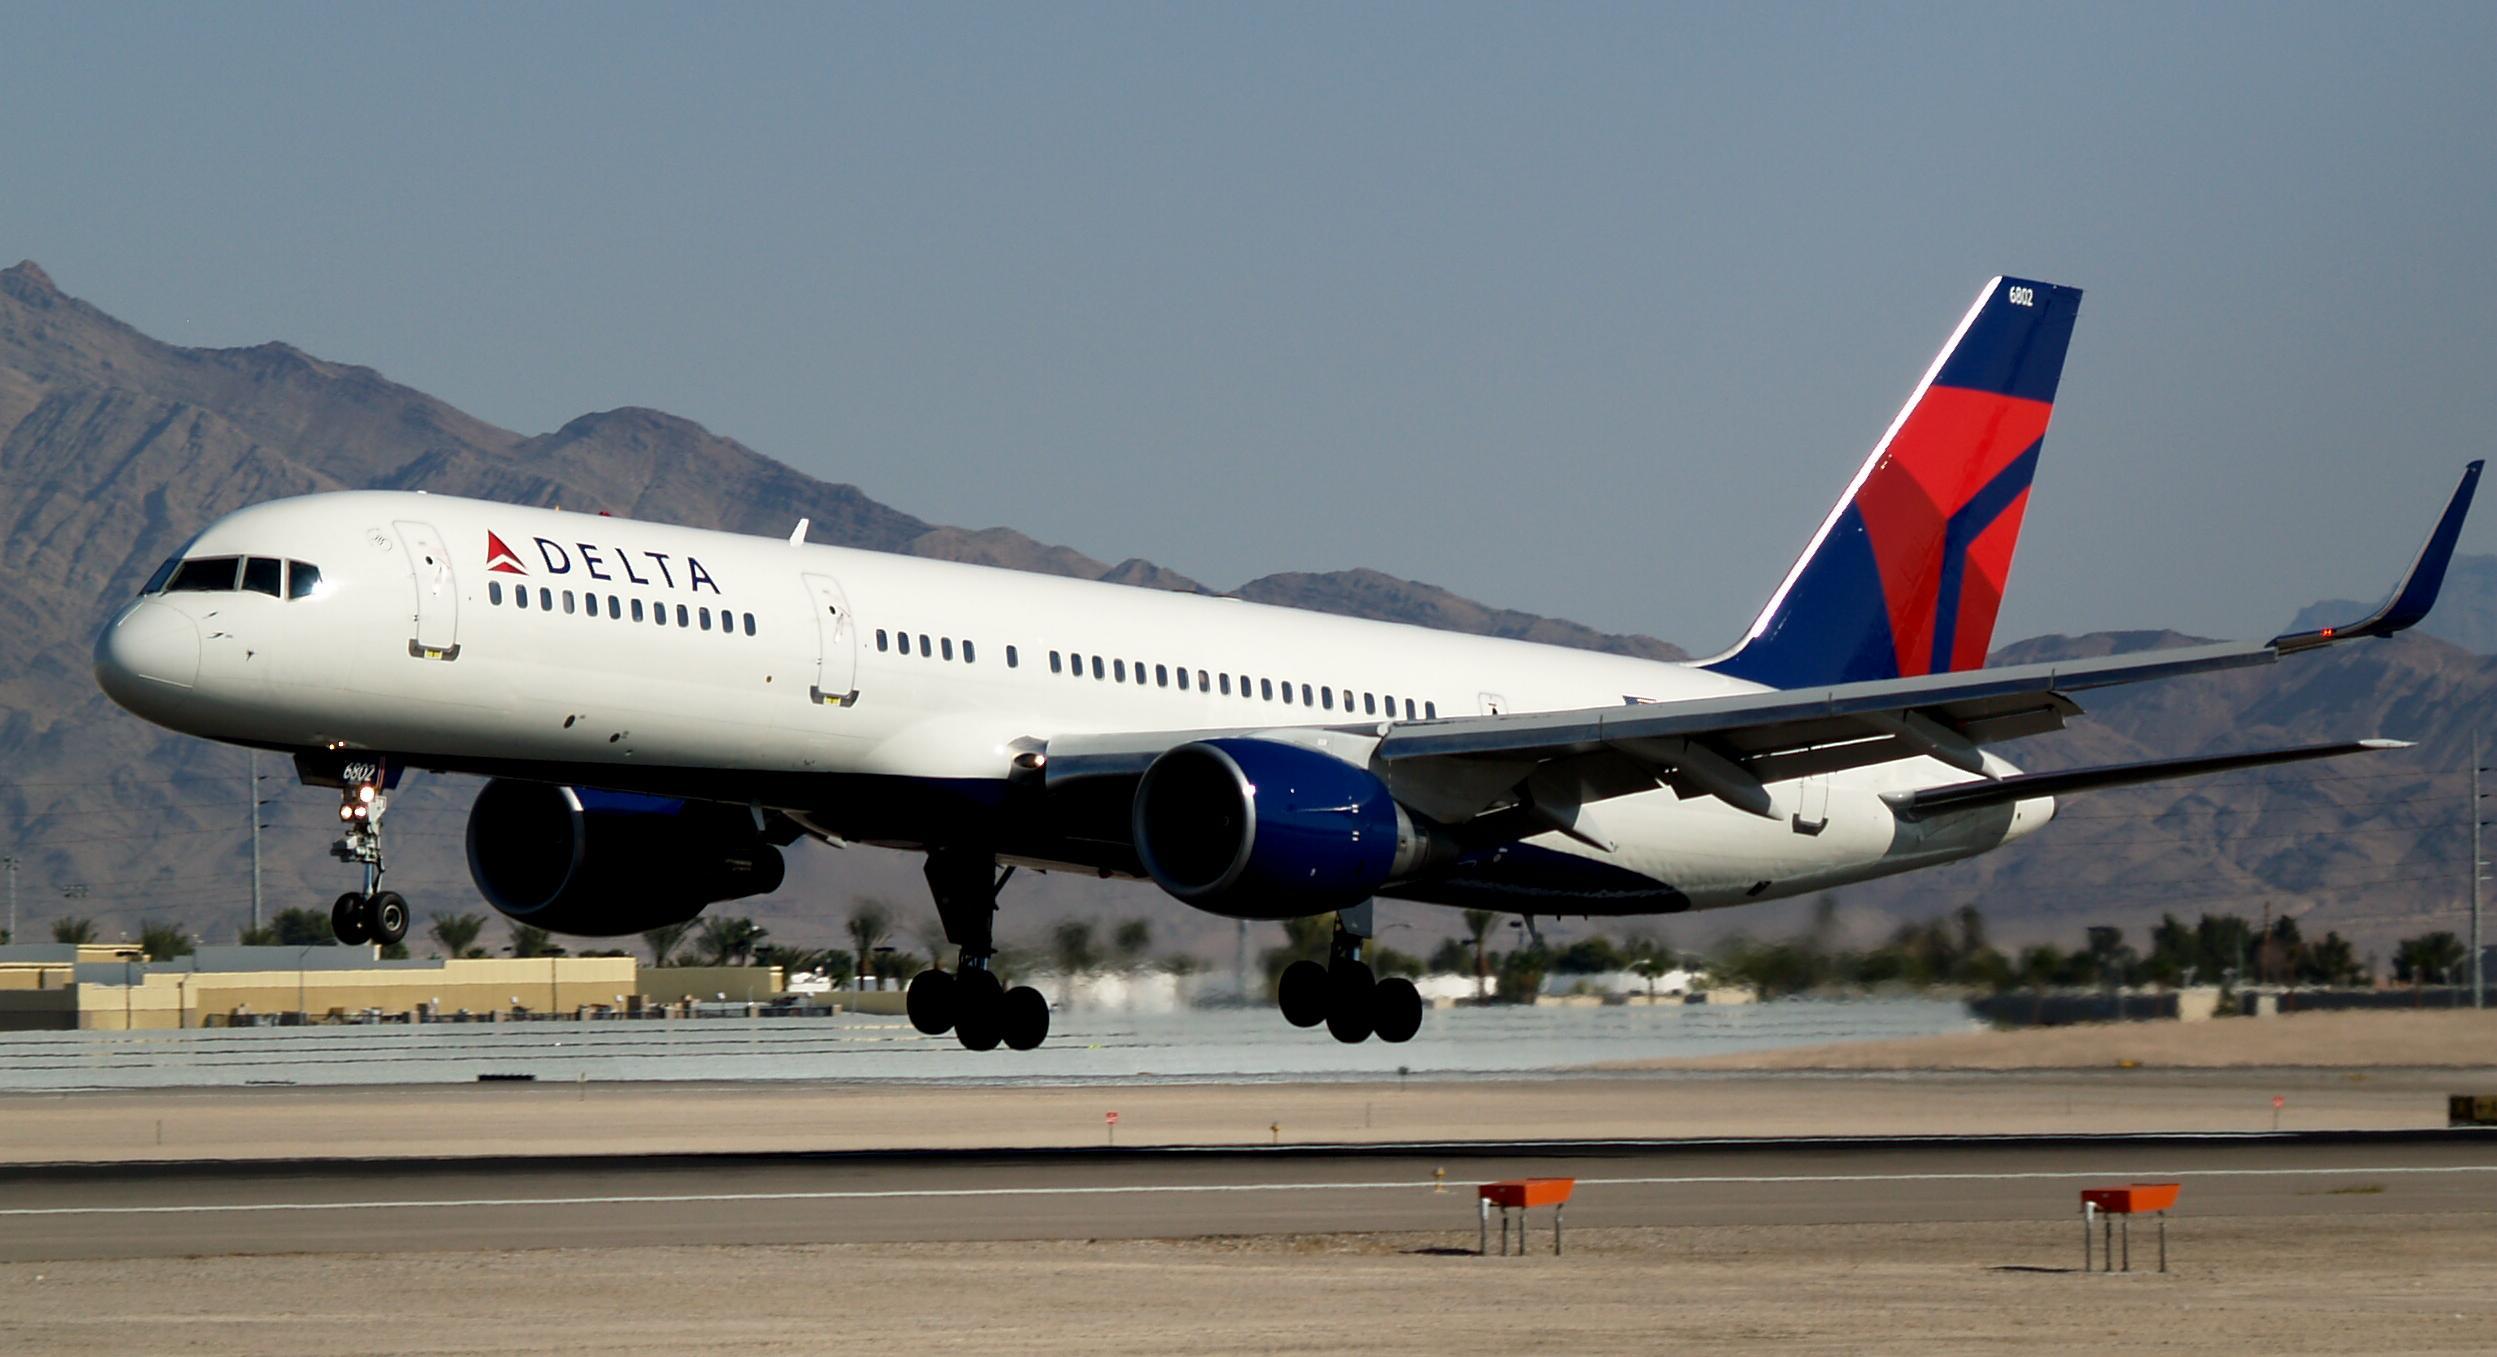 AIRCRAFT MRO CAPABILITIES